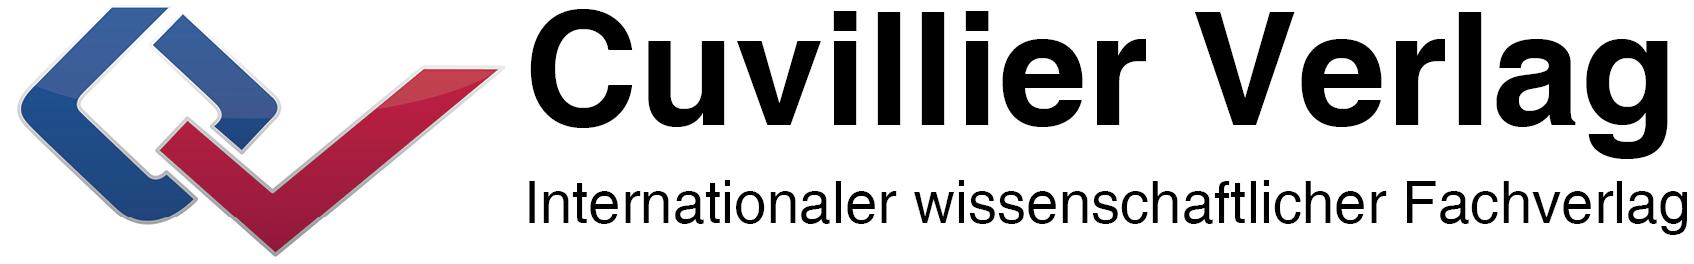 Cuvillier Verlag